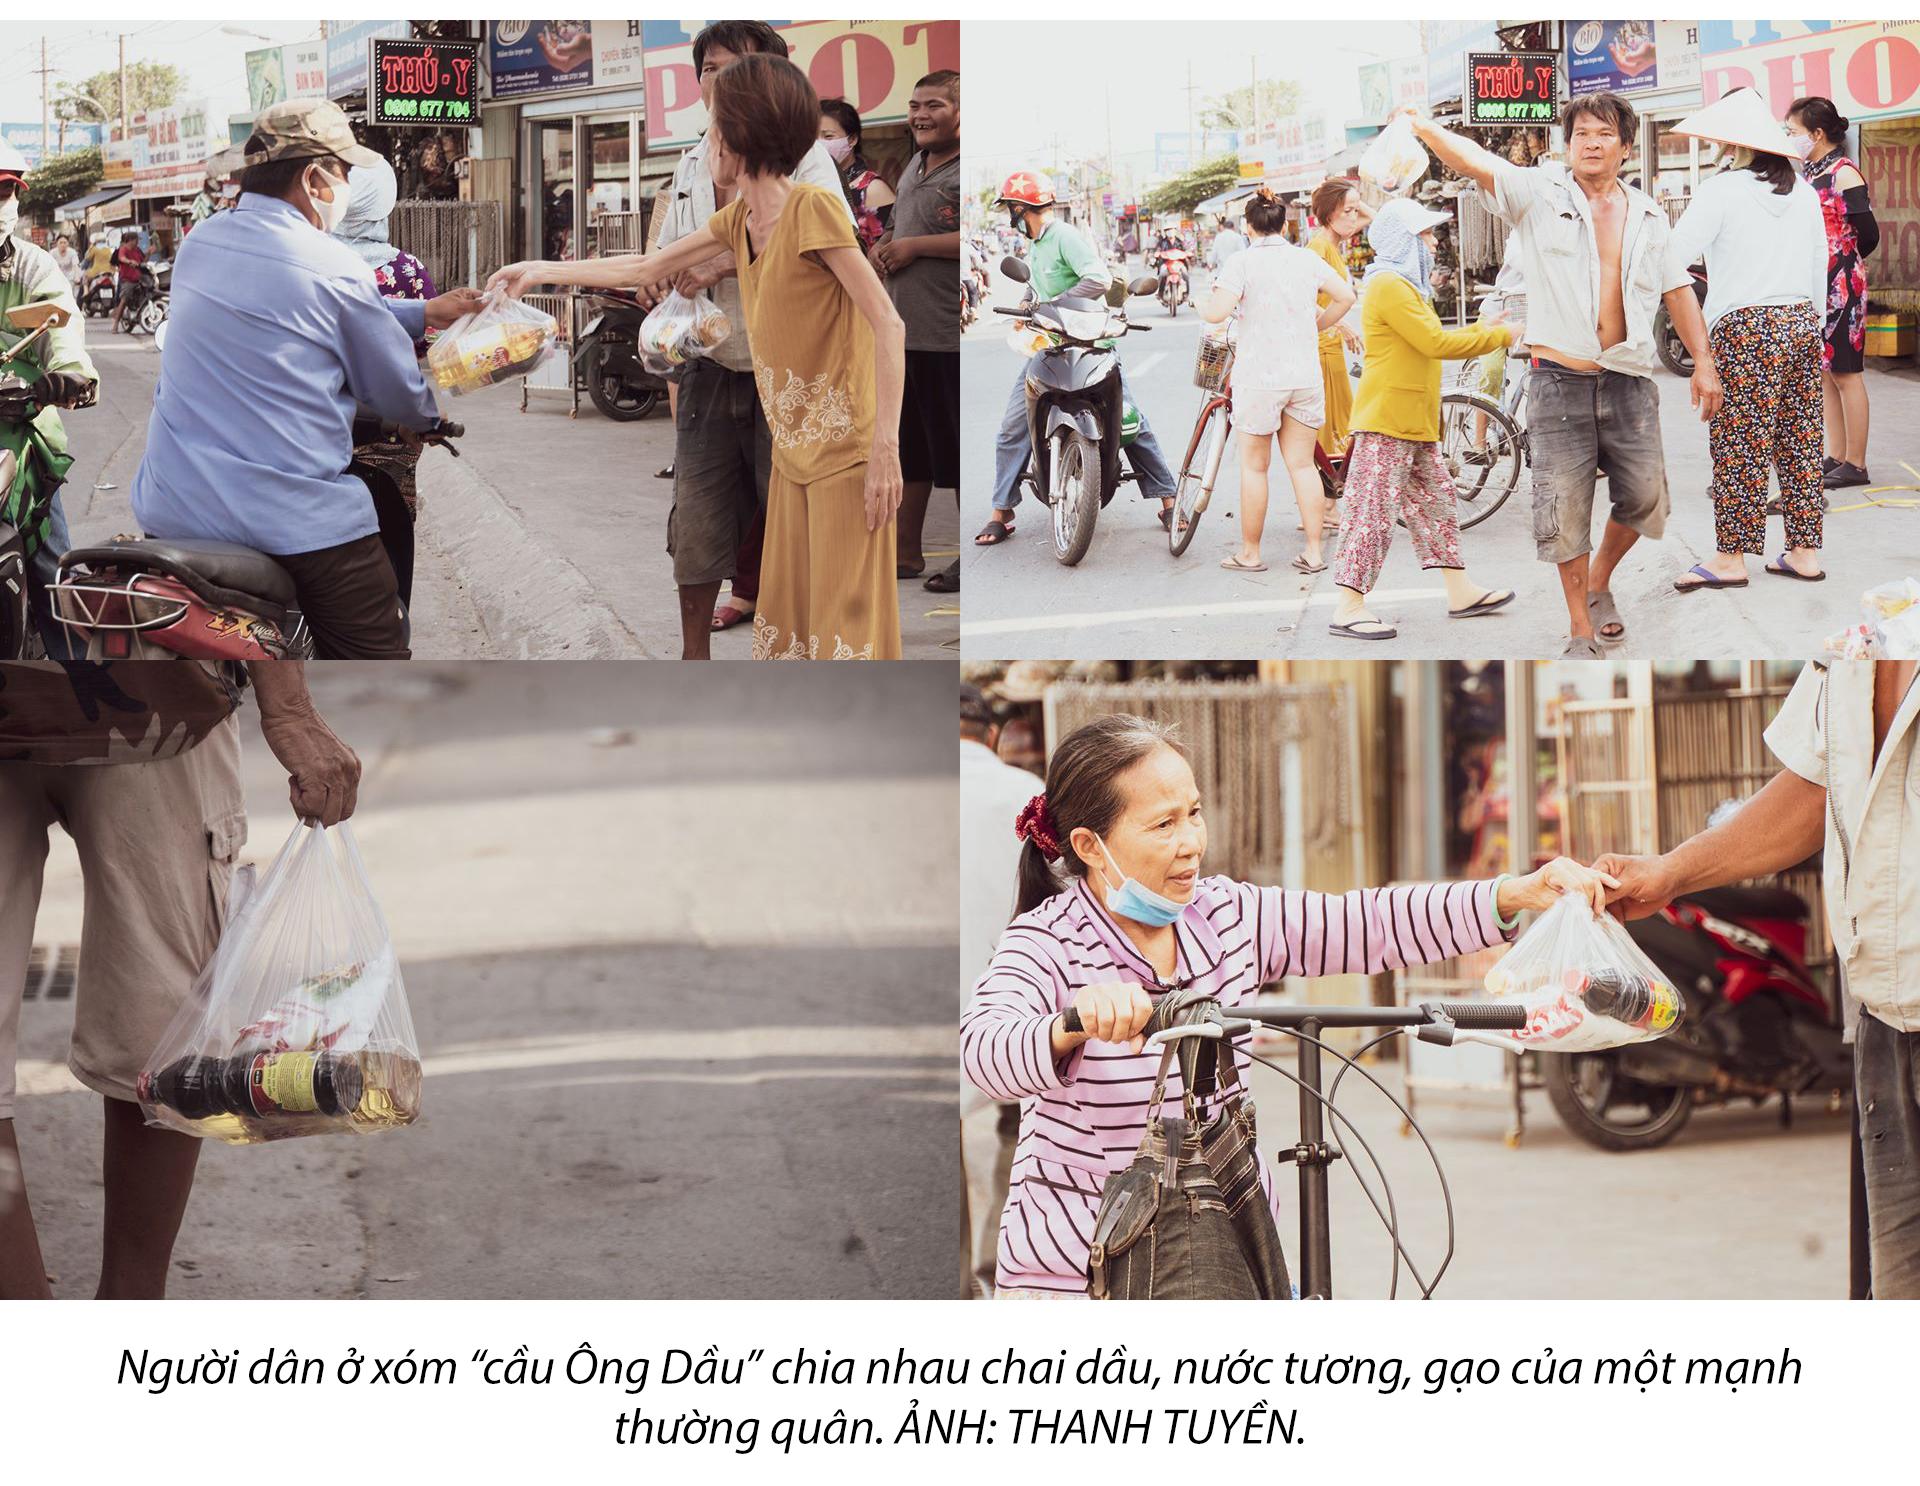 Đi qua mùa dịch: Người Sài Gòn đúng thật 'tánh kỳ' - ảnh 8